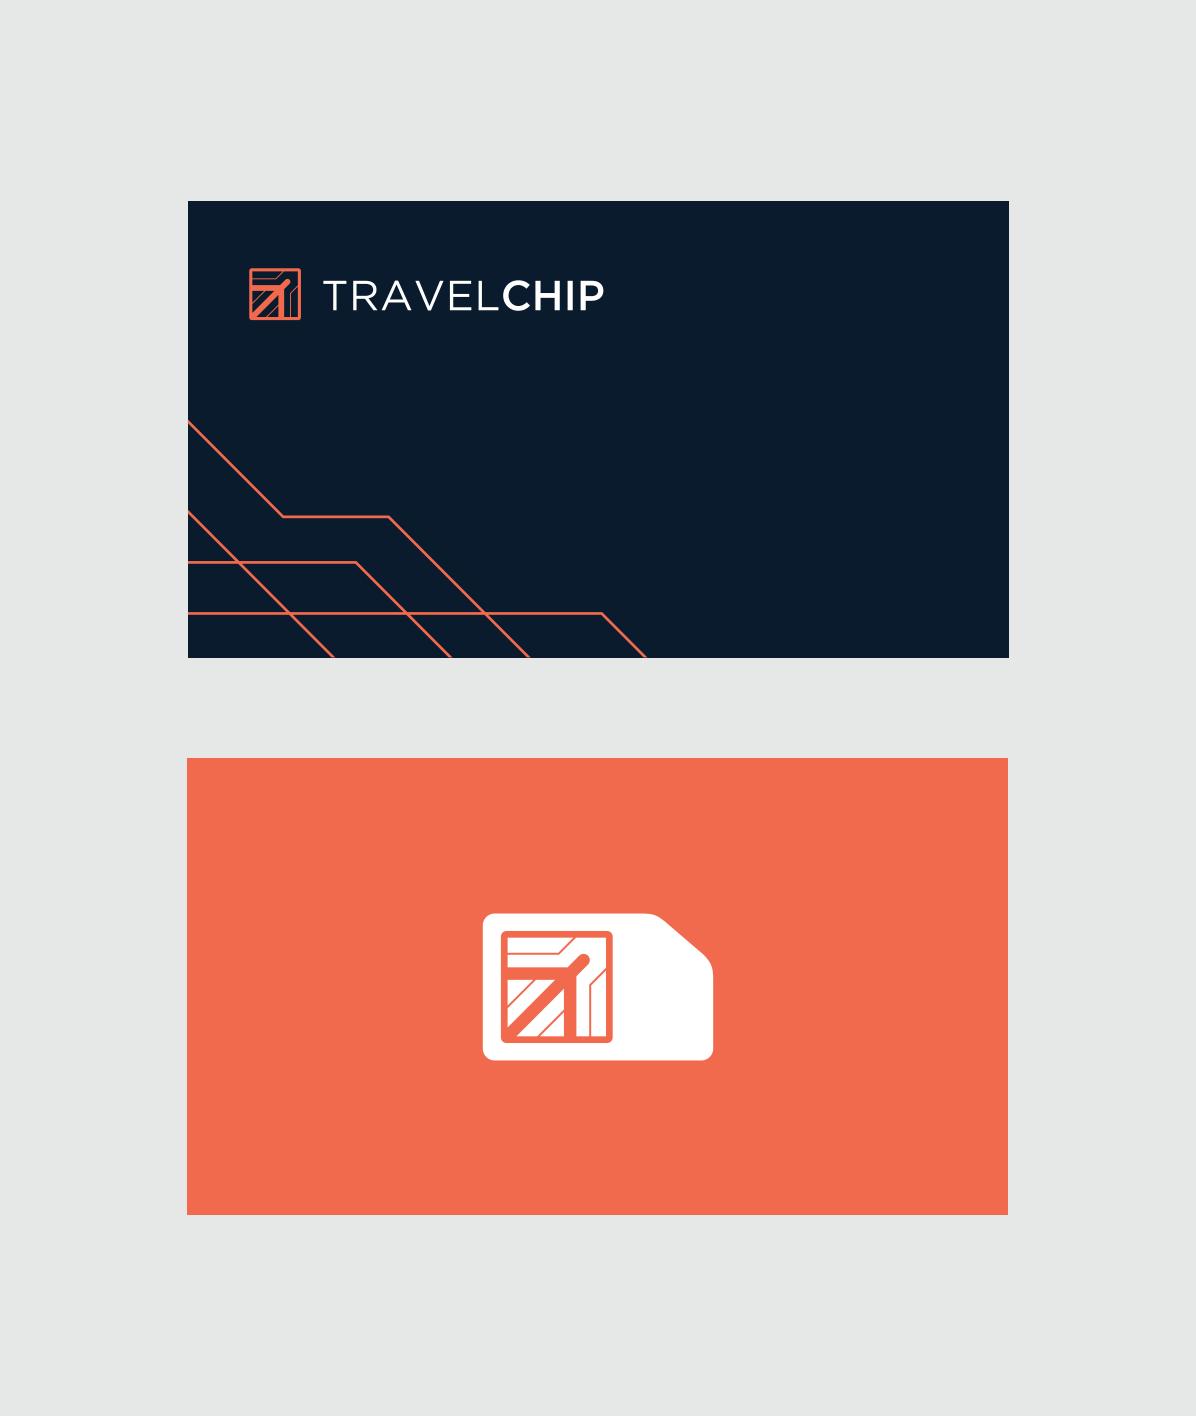 TravelChip